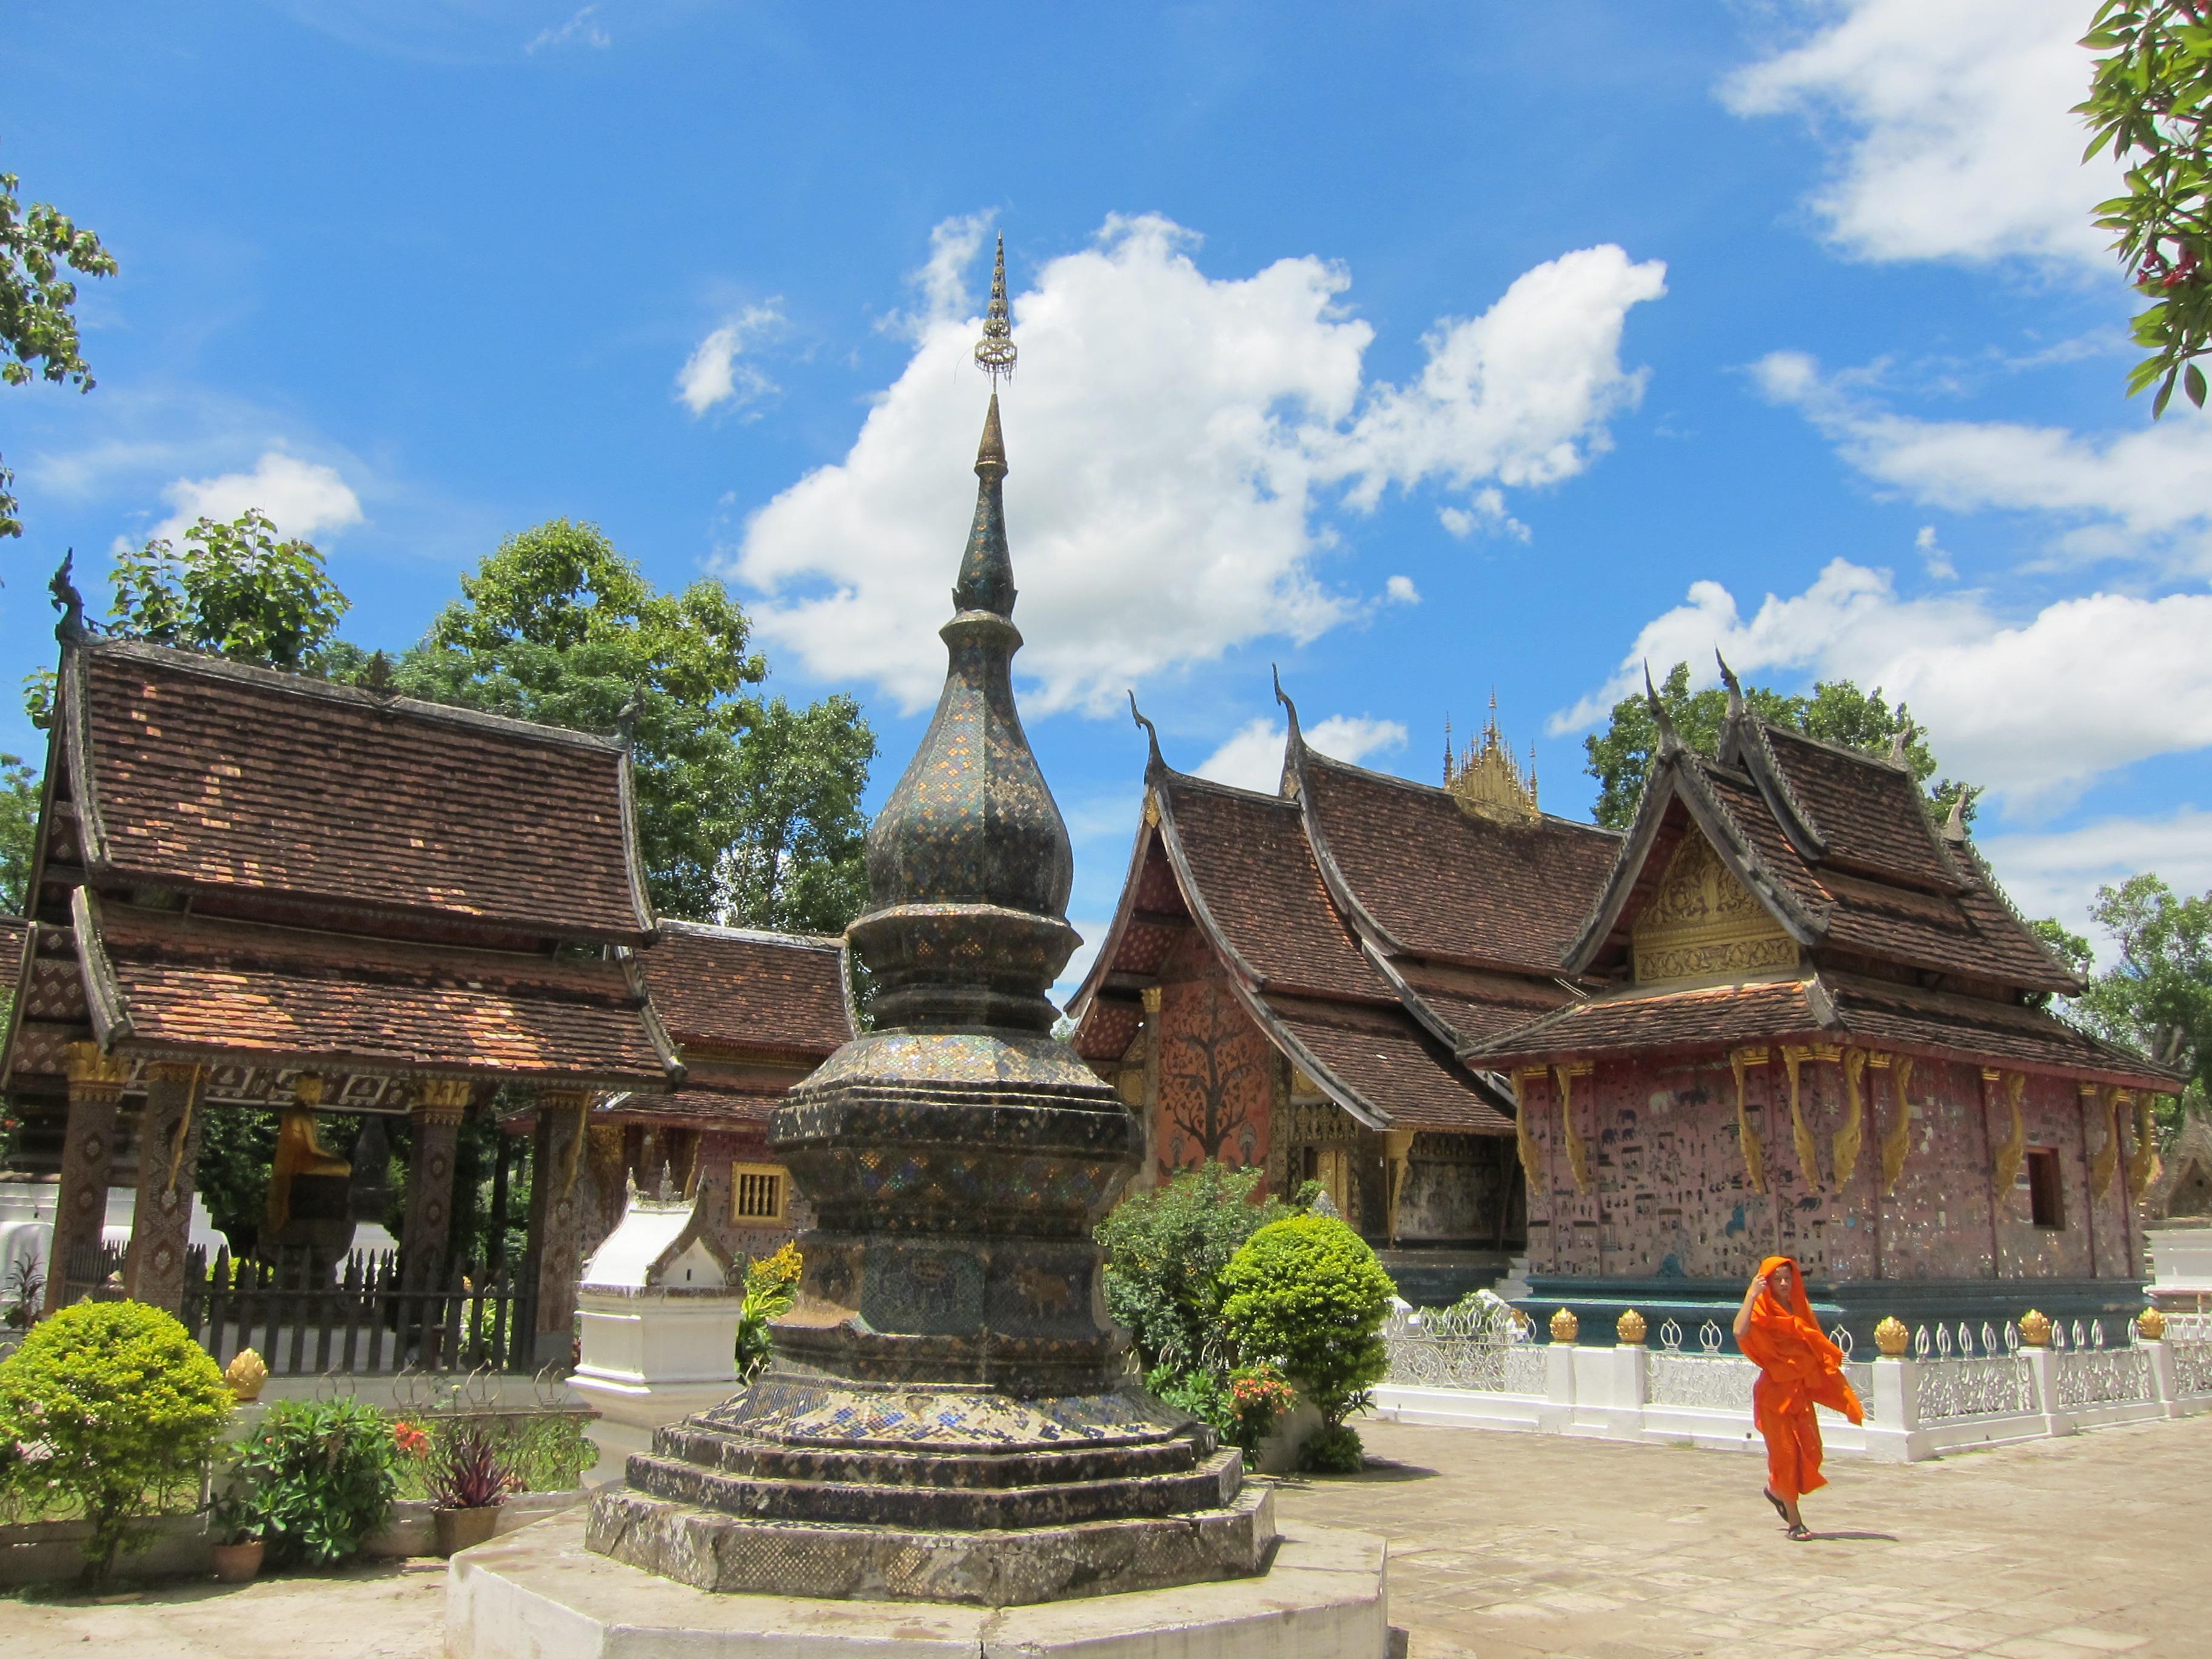 The Glittering, Golden Temples of Luang Prabang, Laos |Wat Xieng Thong Luang Prabang